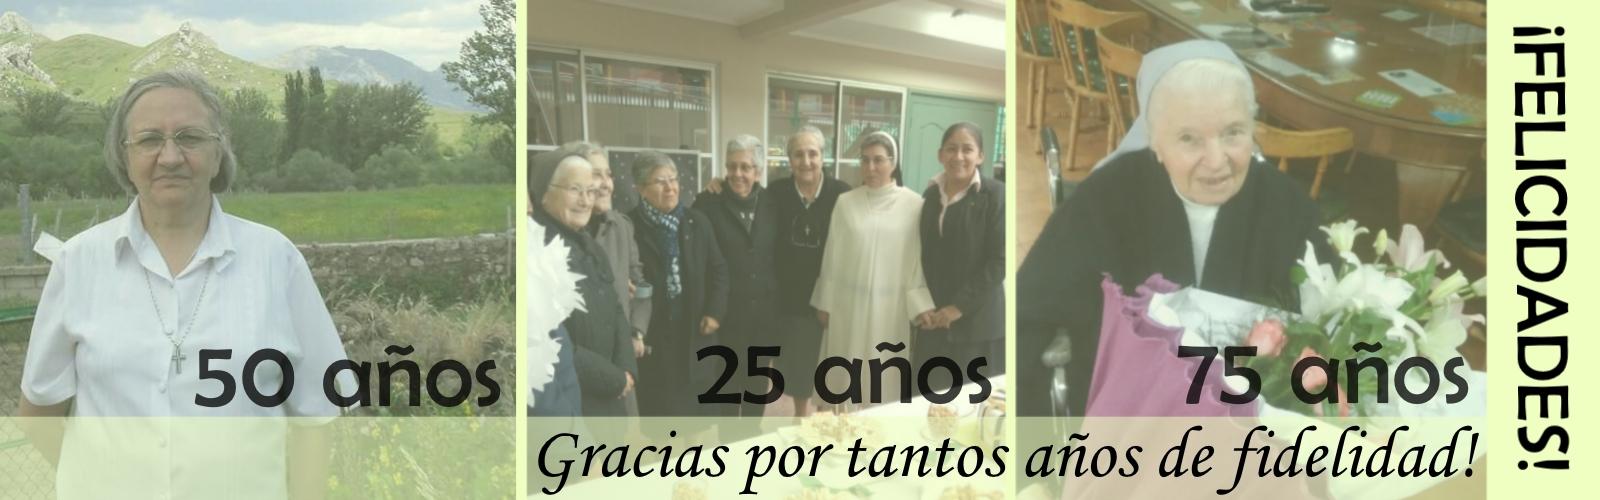 aniversario_vidareligiosa